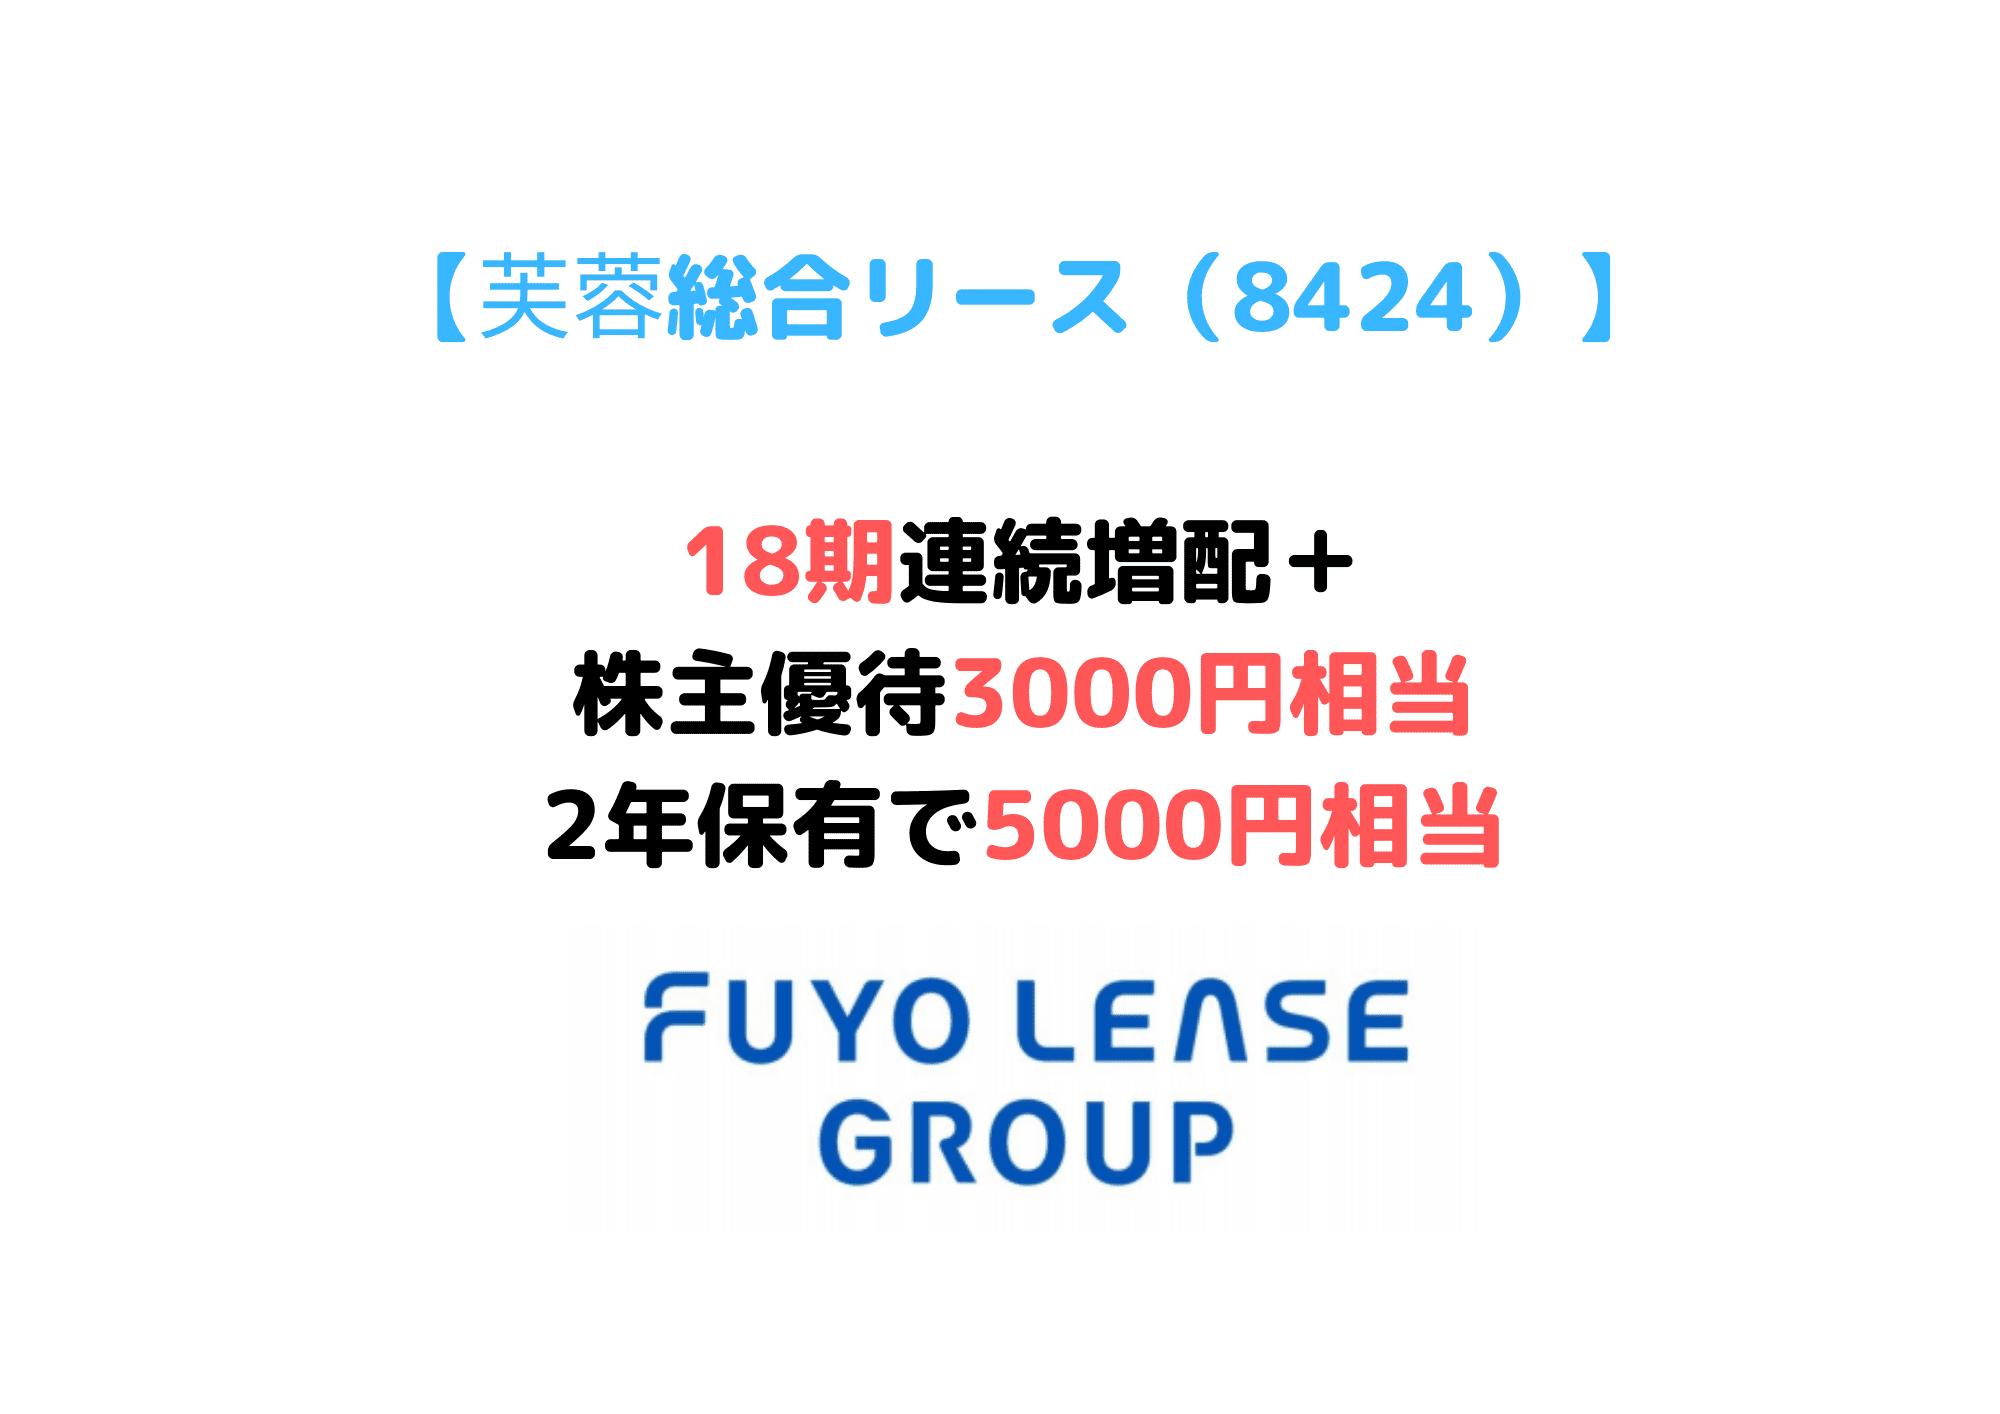 8424 芙蓉総合リース (1)